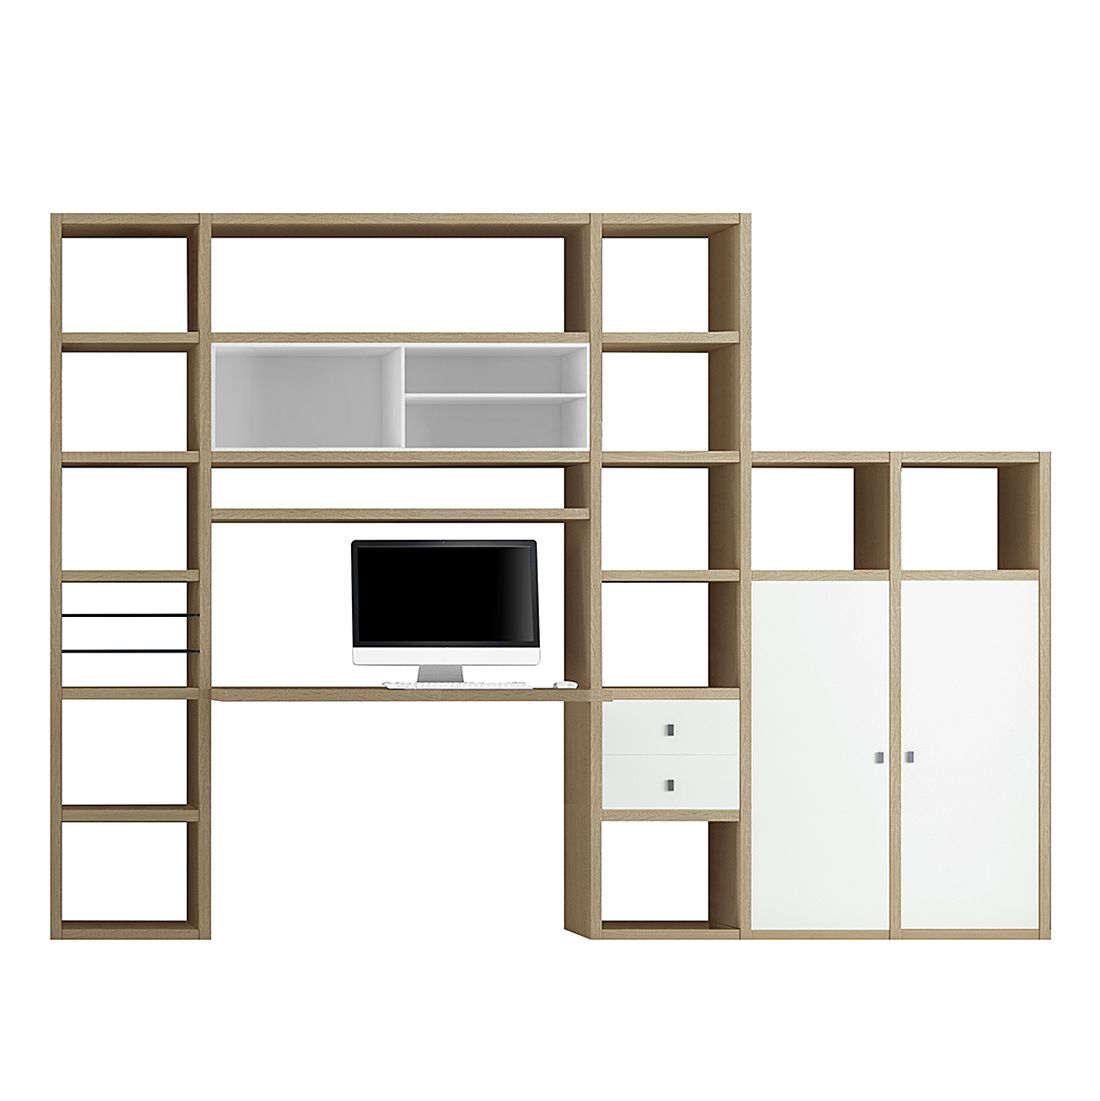 Wohnkombination Emporior I - Weiß / Eiche Dekor, loftscape